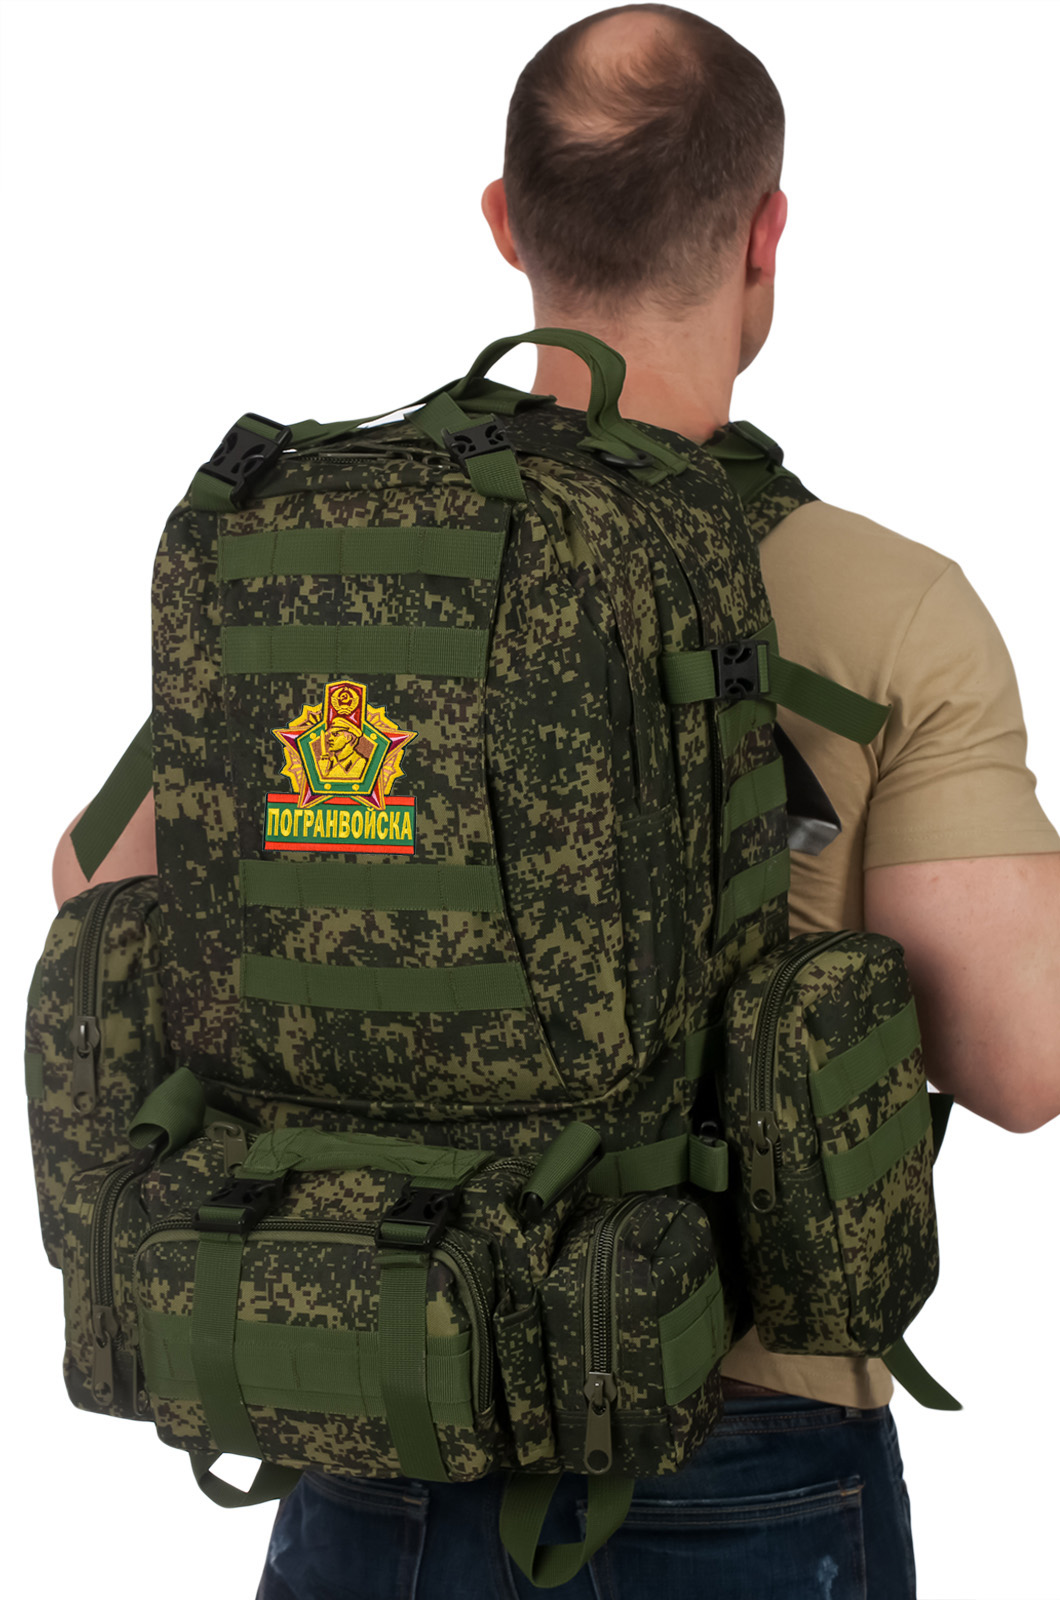 Купить рейдовый рюкзак с нашивкой Погранвойска по лучшей цене